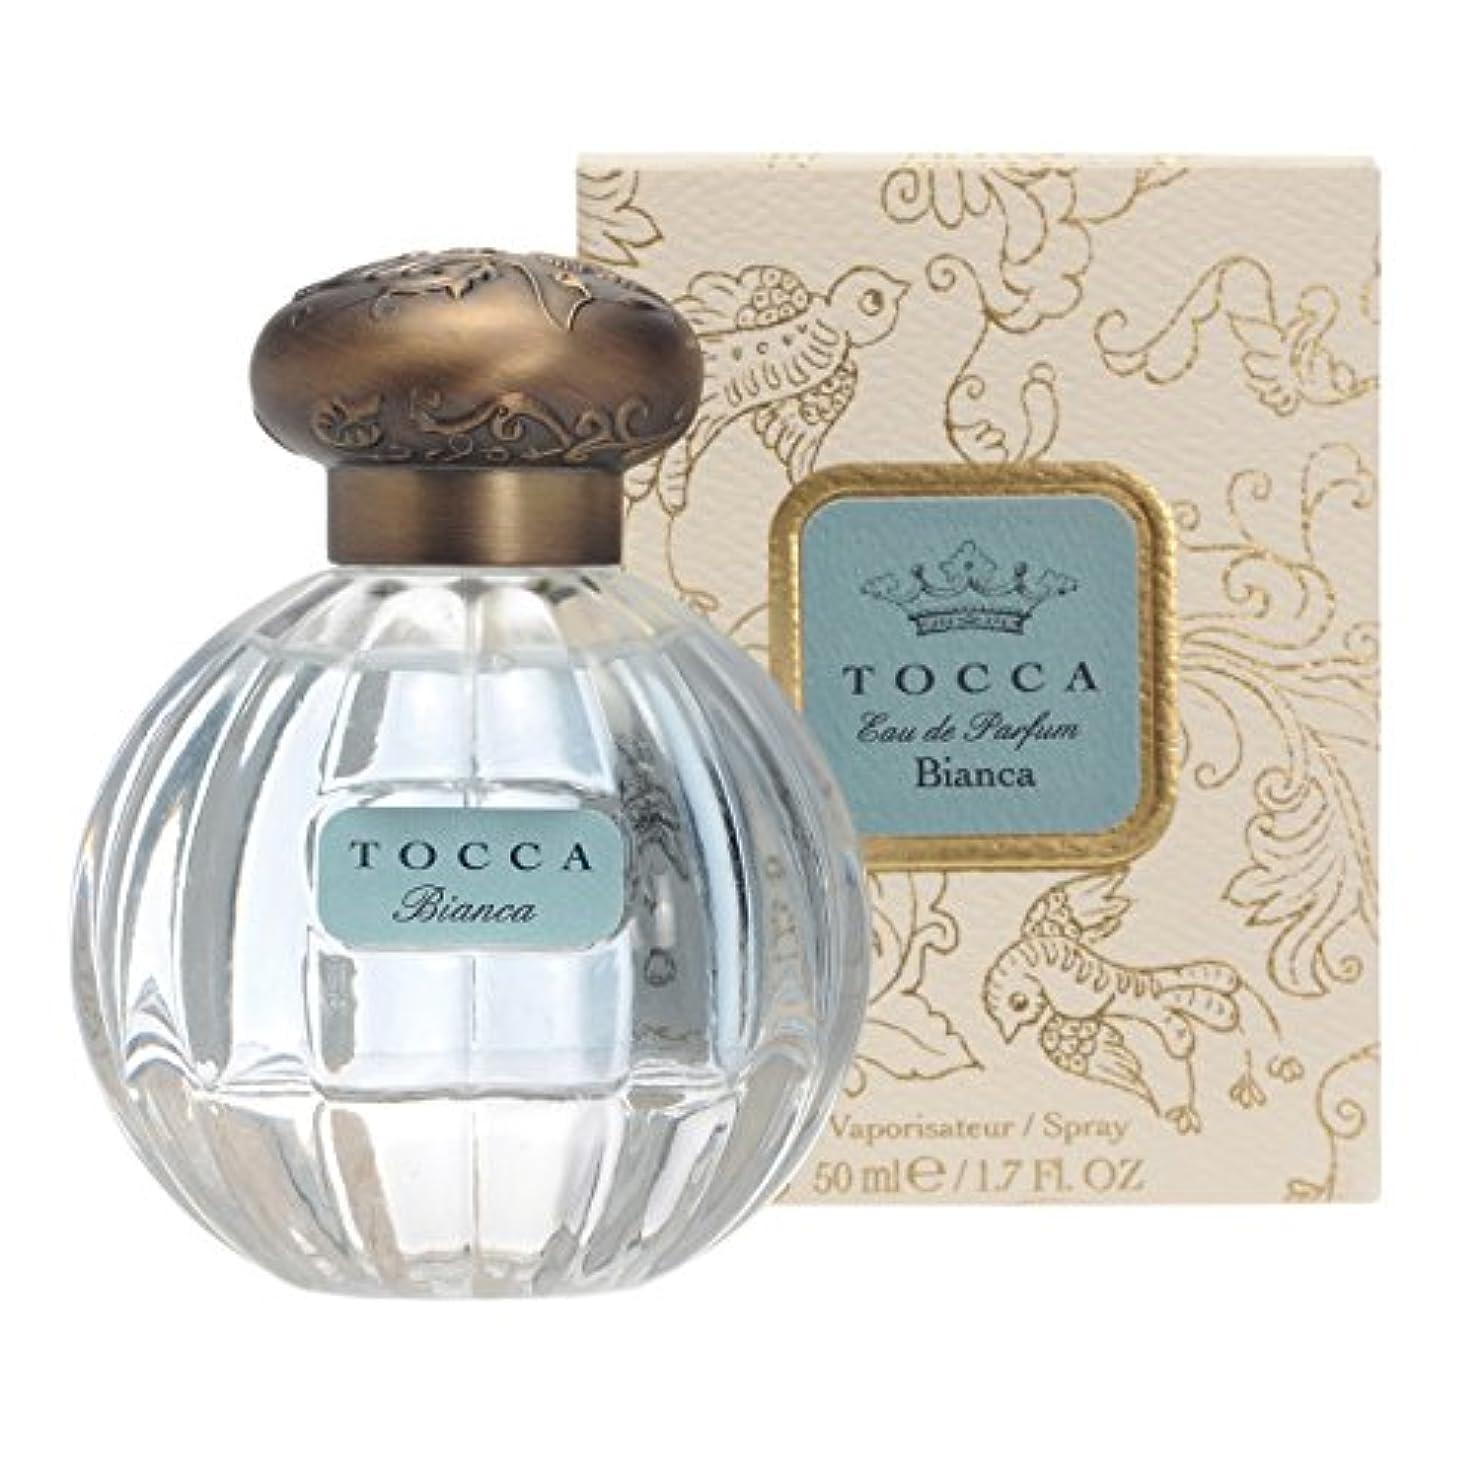 アンプ読書コーナートッカ(TOCCA) オードパルファム ビアンカの香り 50ml(香水 海を眺めながらのティータイムのようなグリーンティーとシトラス、ローズが溶け合う爽やかで甘い香り)